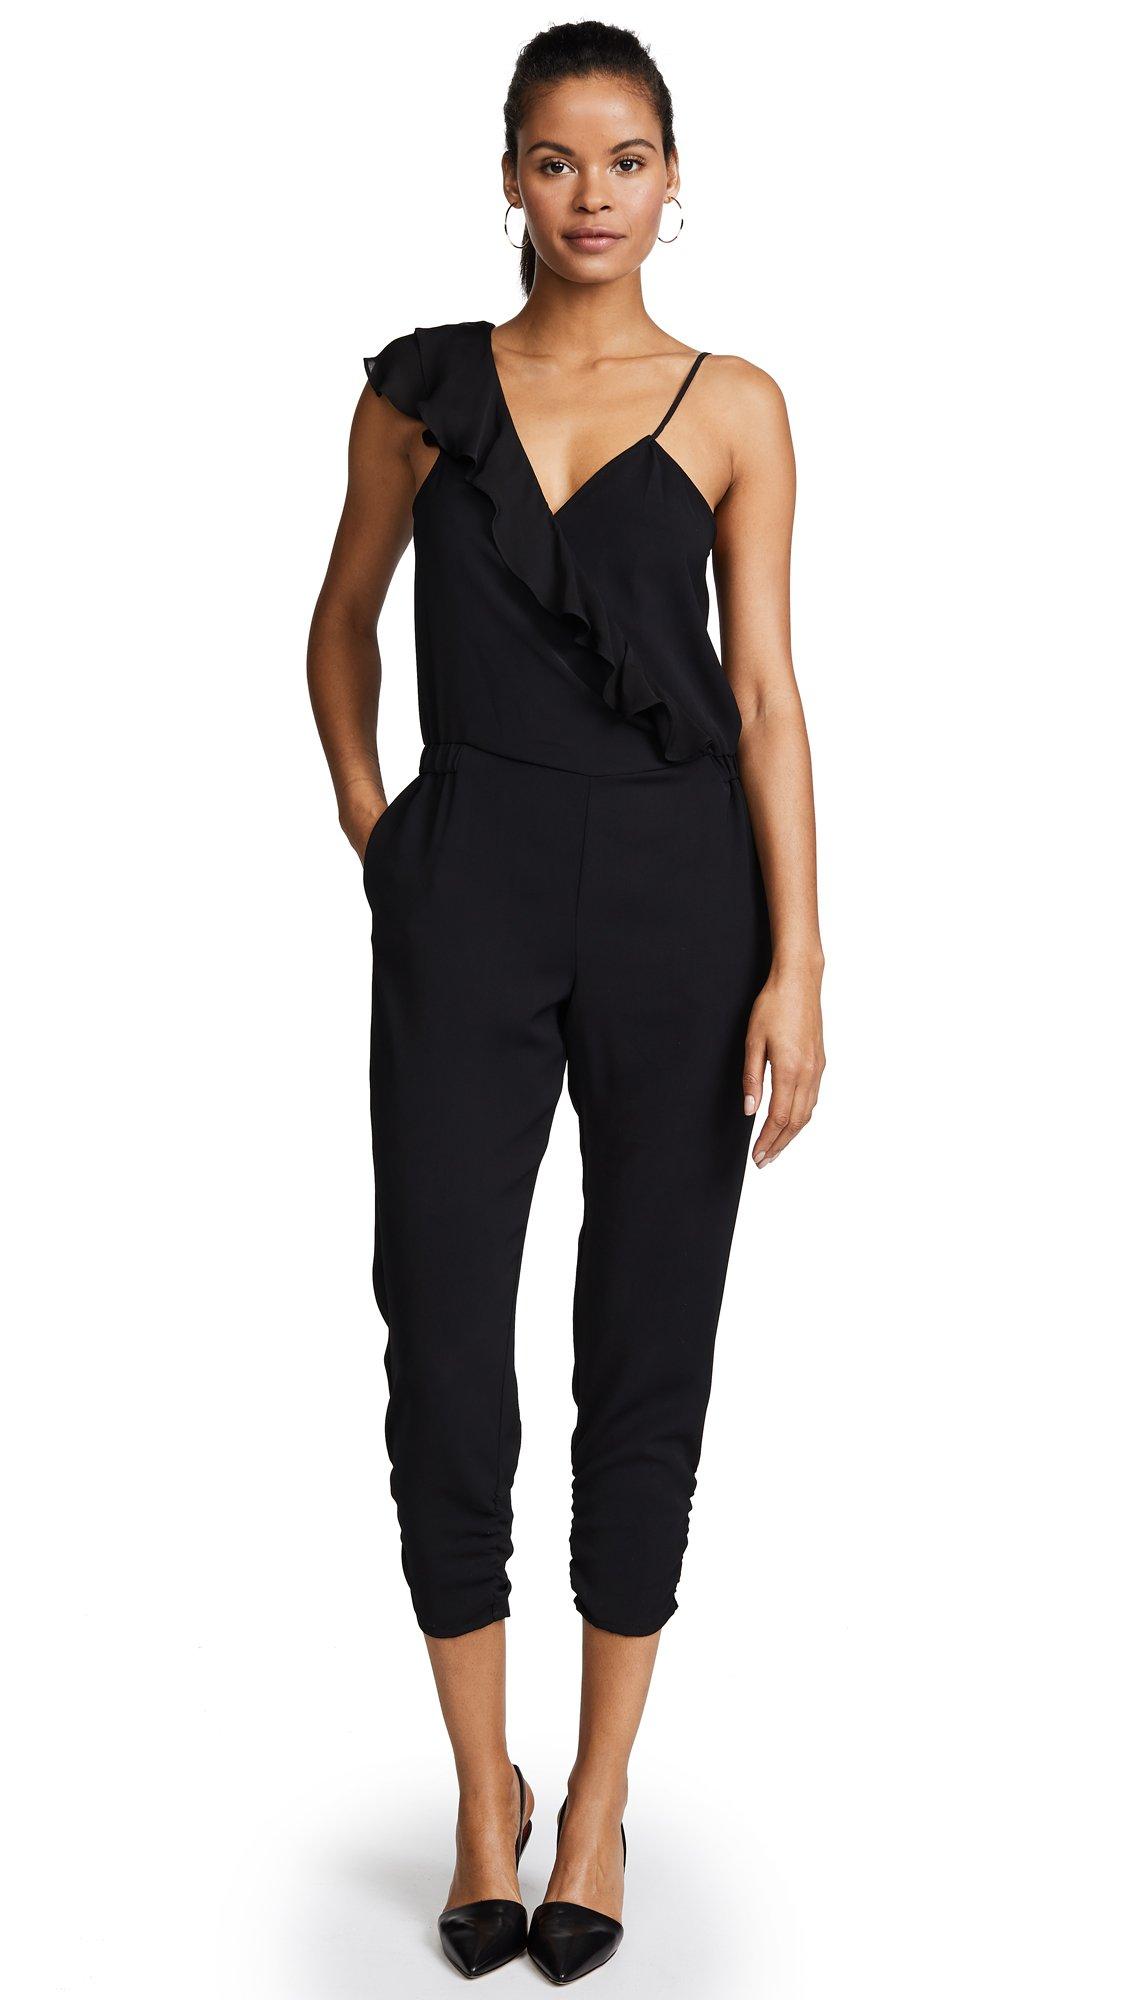 Parker Women's Addison Combo Jumpsuit, Black, 10 by Parker